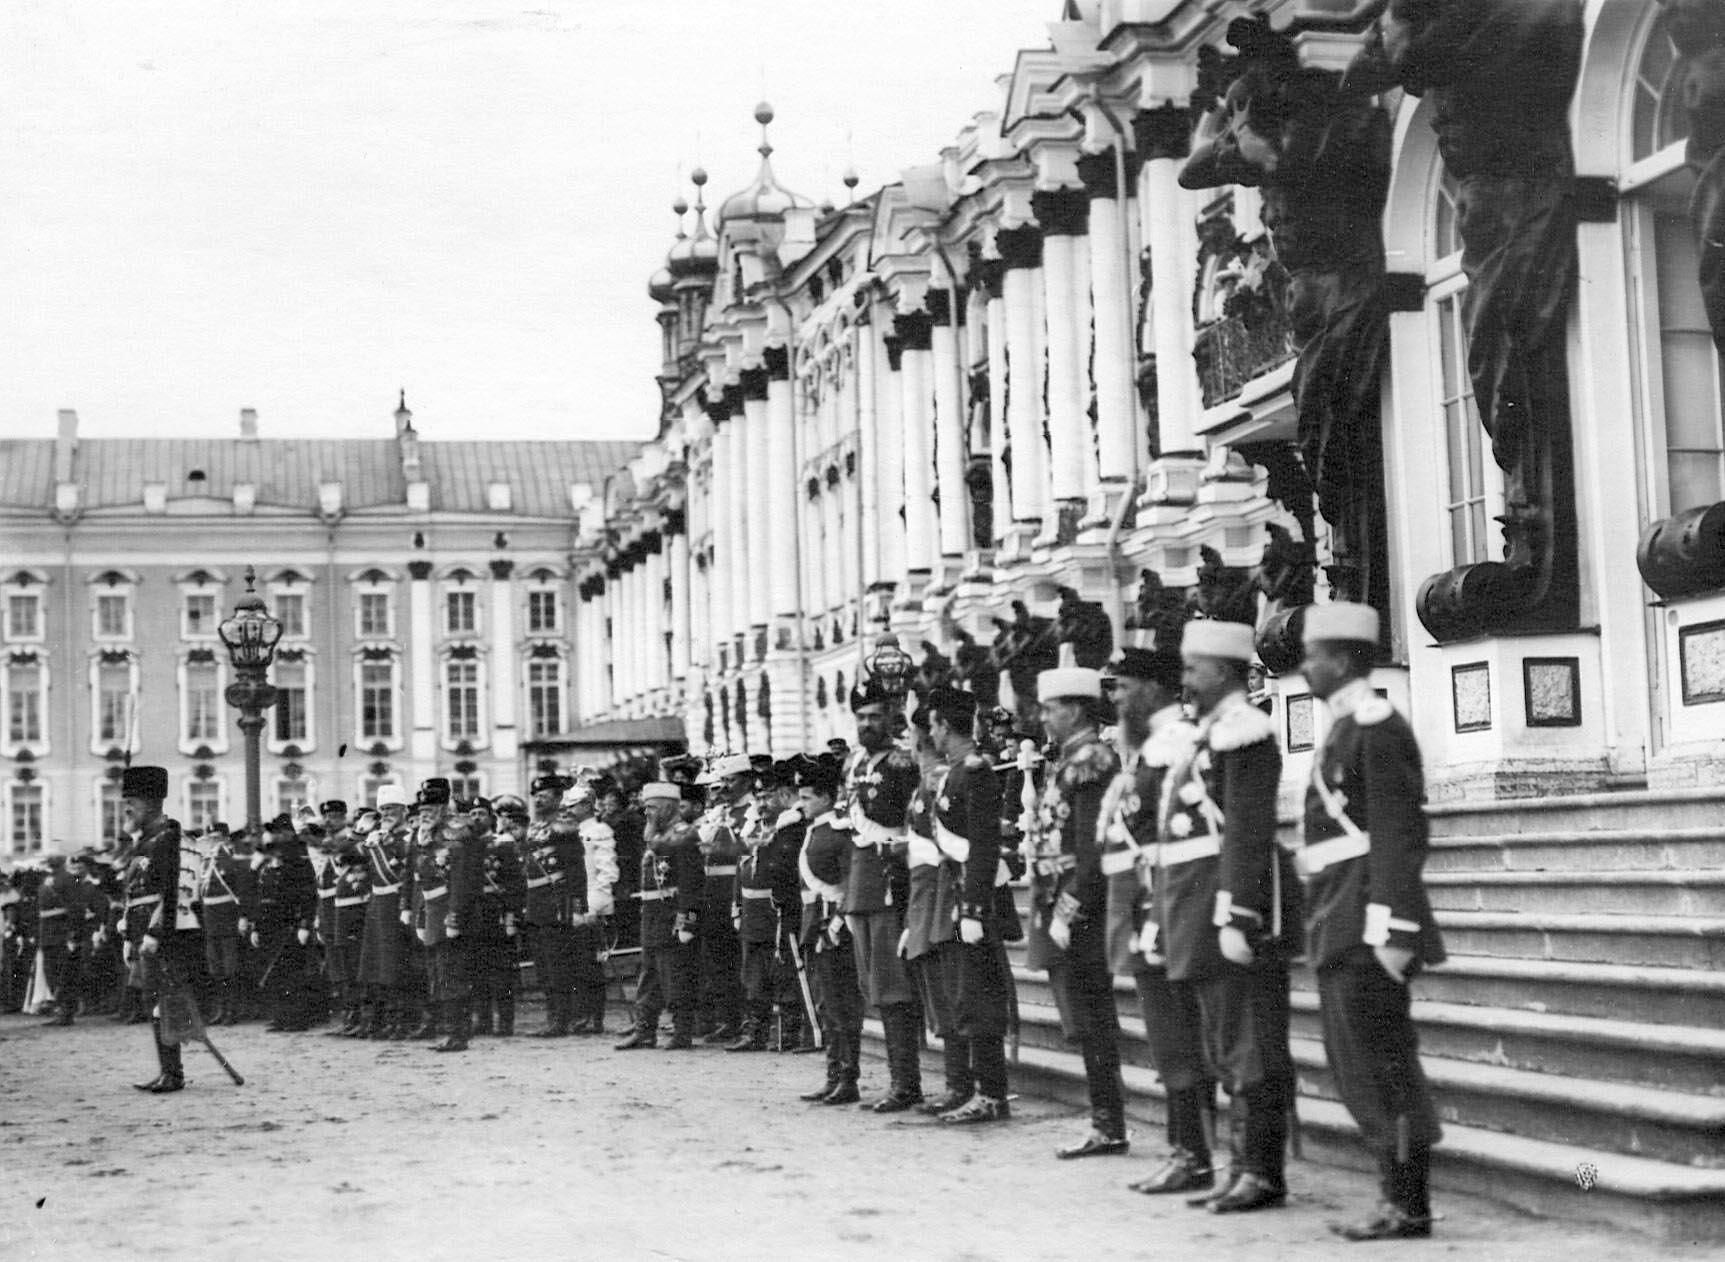 1905. Великие князья, генералитет на параде полка перед Екатериненским дворцом. 21 апреля